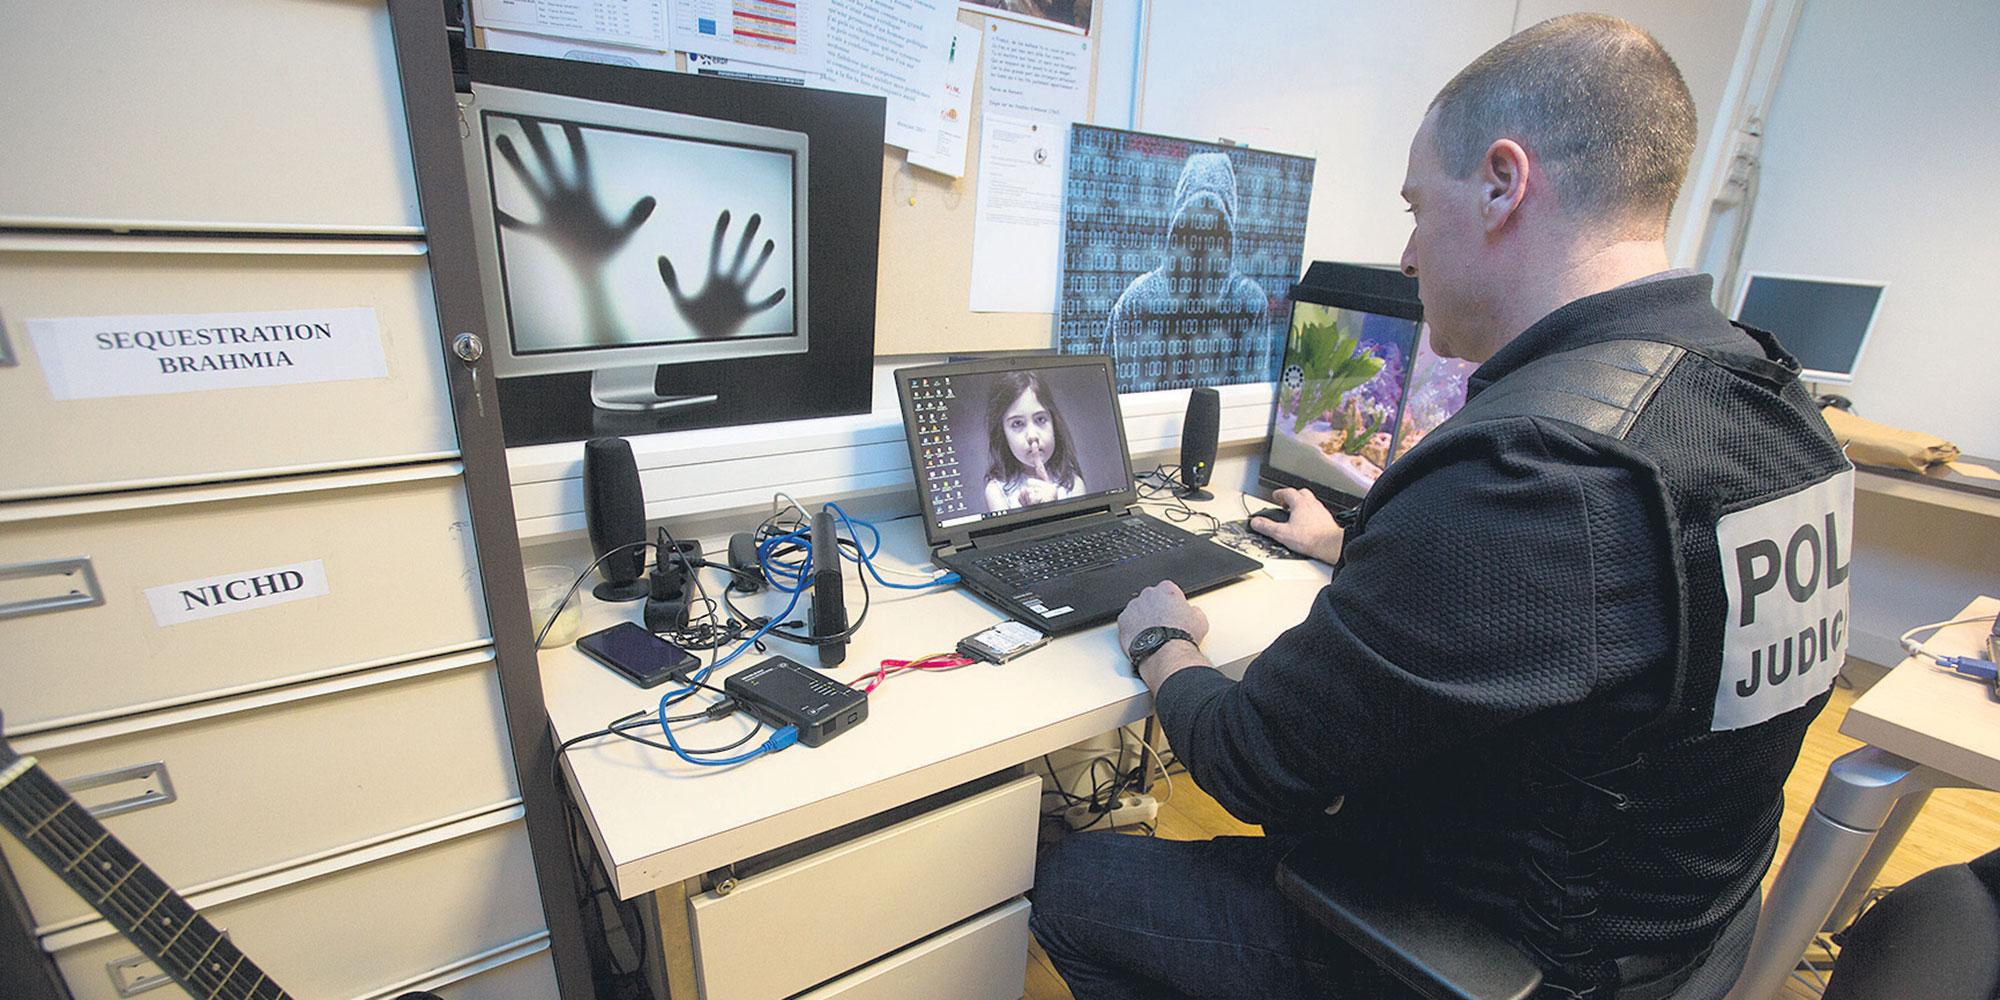 Comment la police lutte contre la cybercriminalité